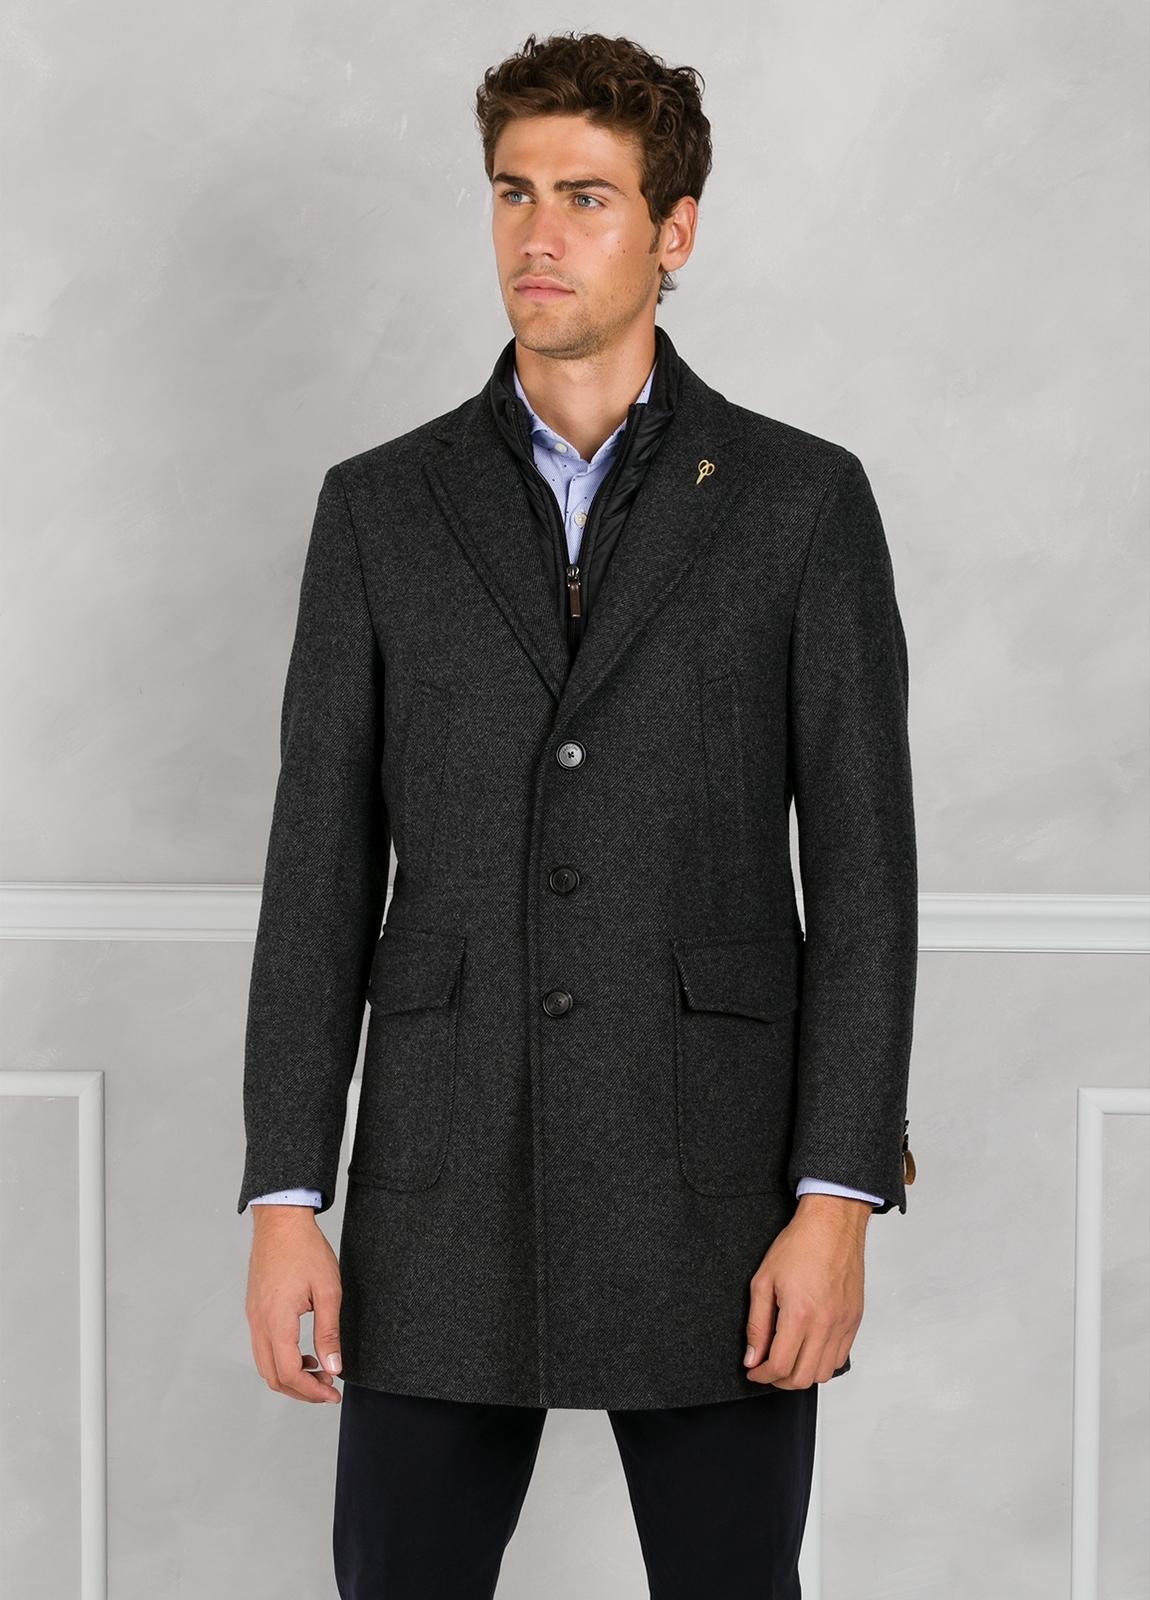 Abrigo tres botones color gris con pecherín interior. 65% Lana 30% Poliamida 5% fibras.